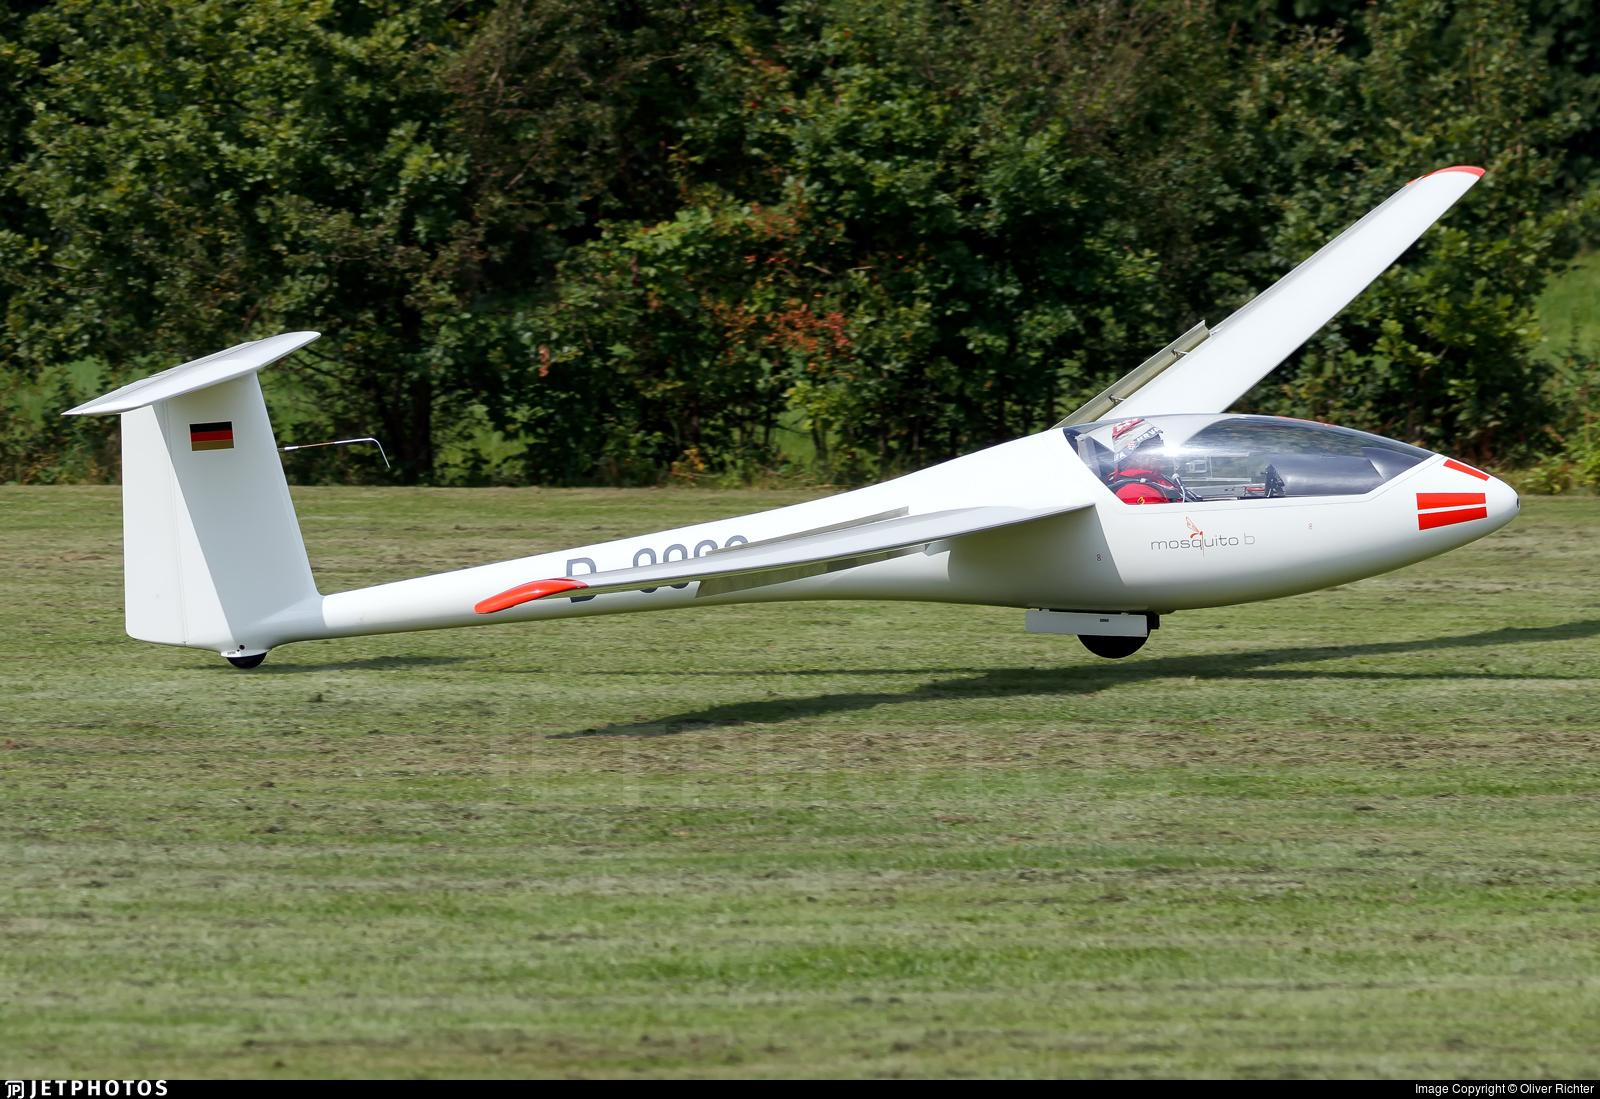 D-9002 - Glasflugel 303 Mosquito - Luftsportclub Pfarrkirchen